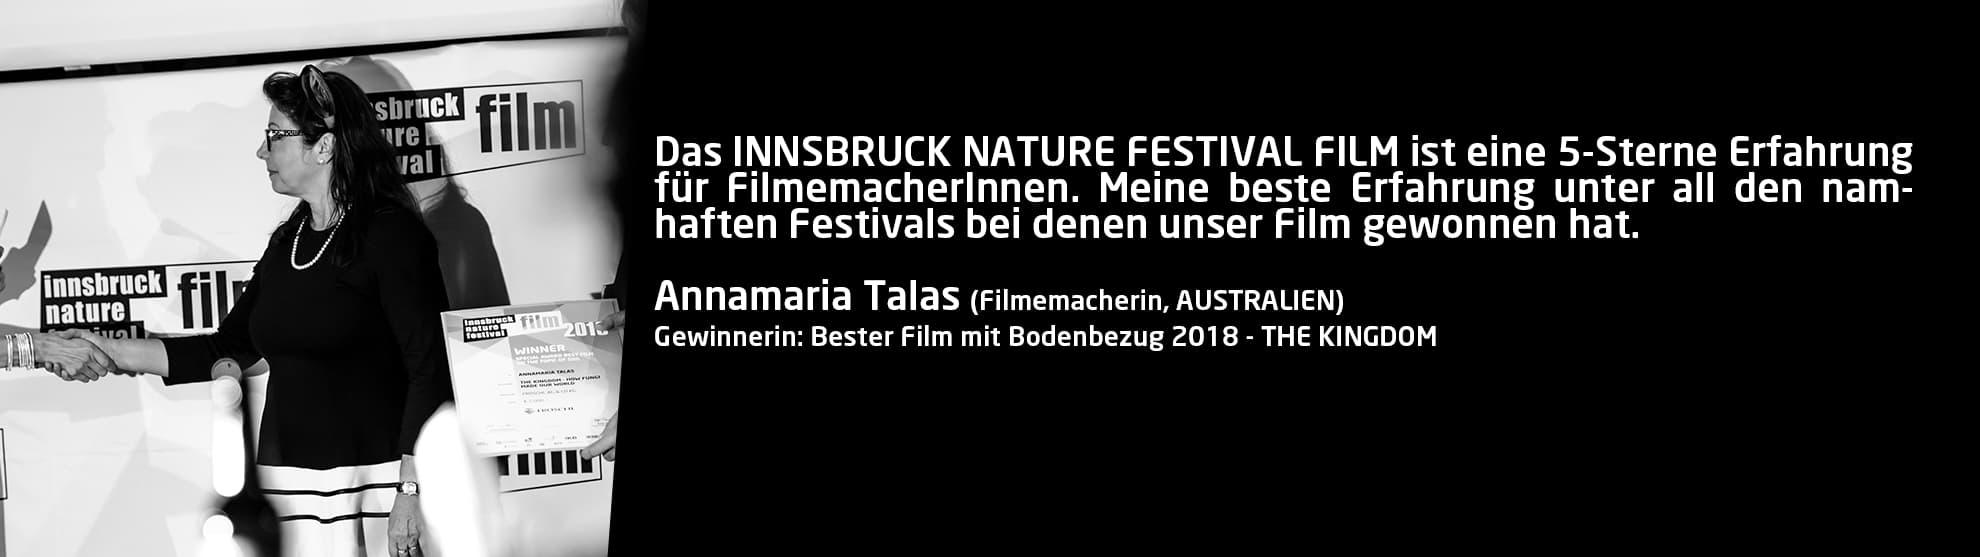 slider-annamaria_talas-deutsch